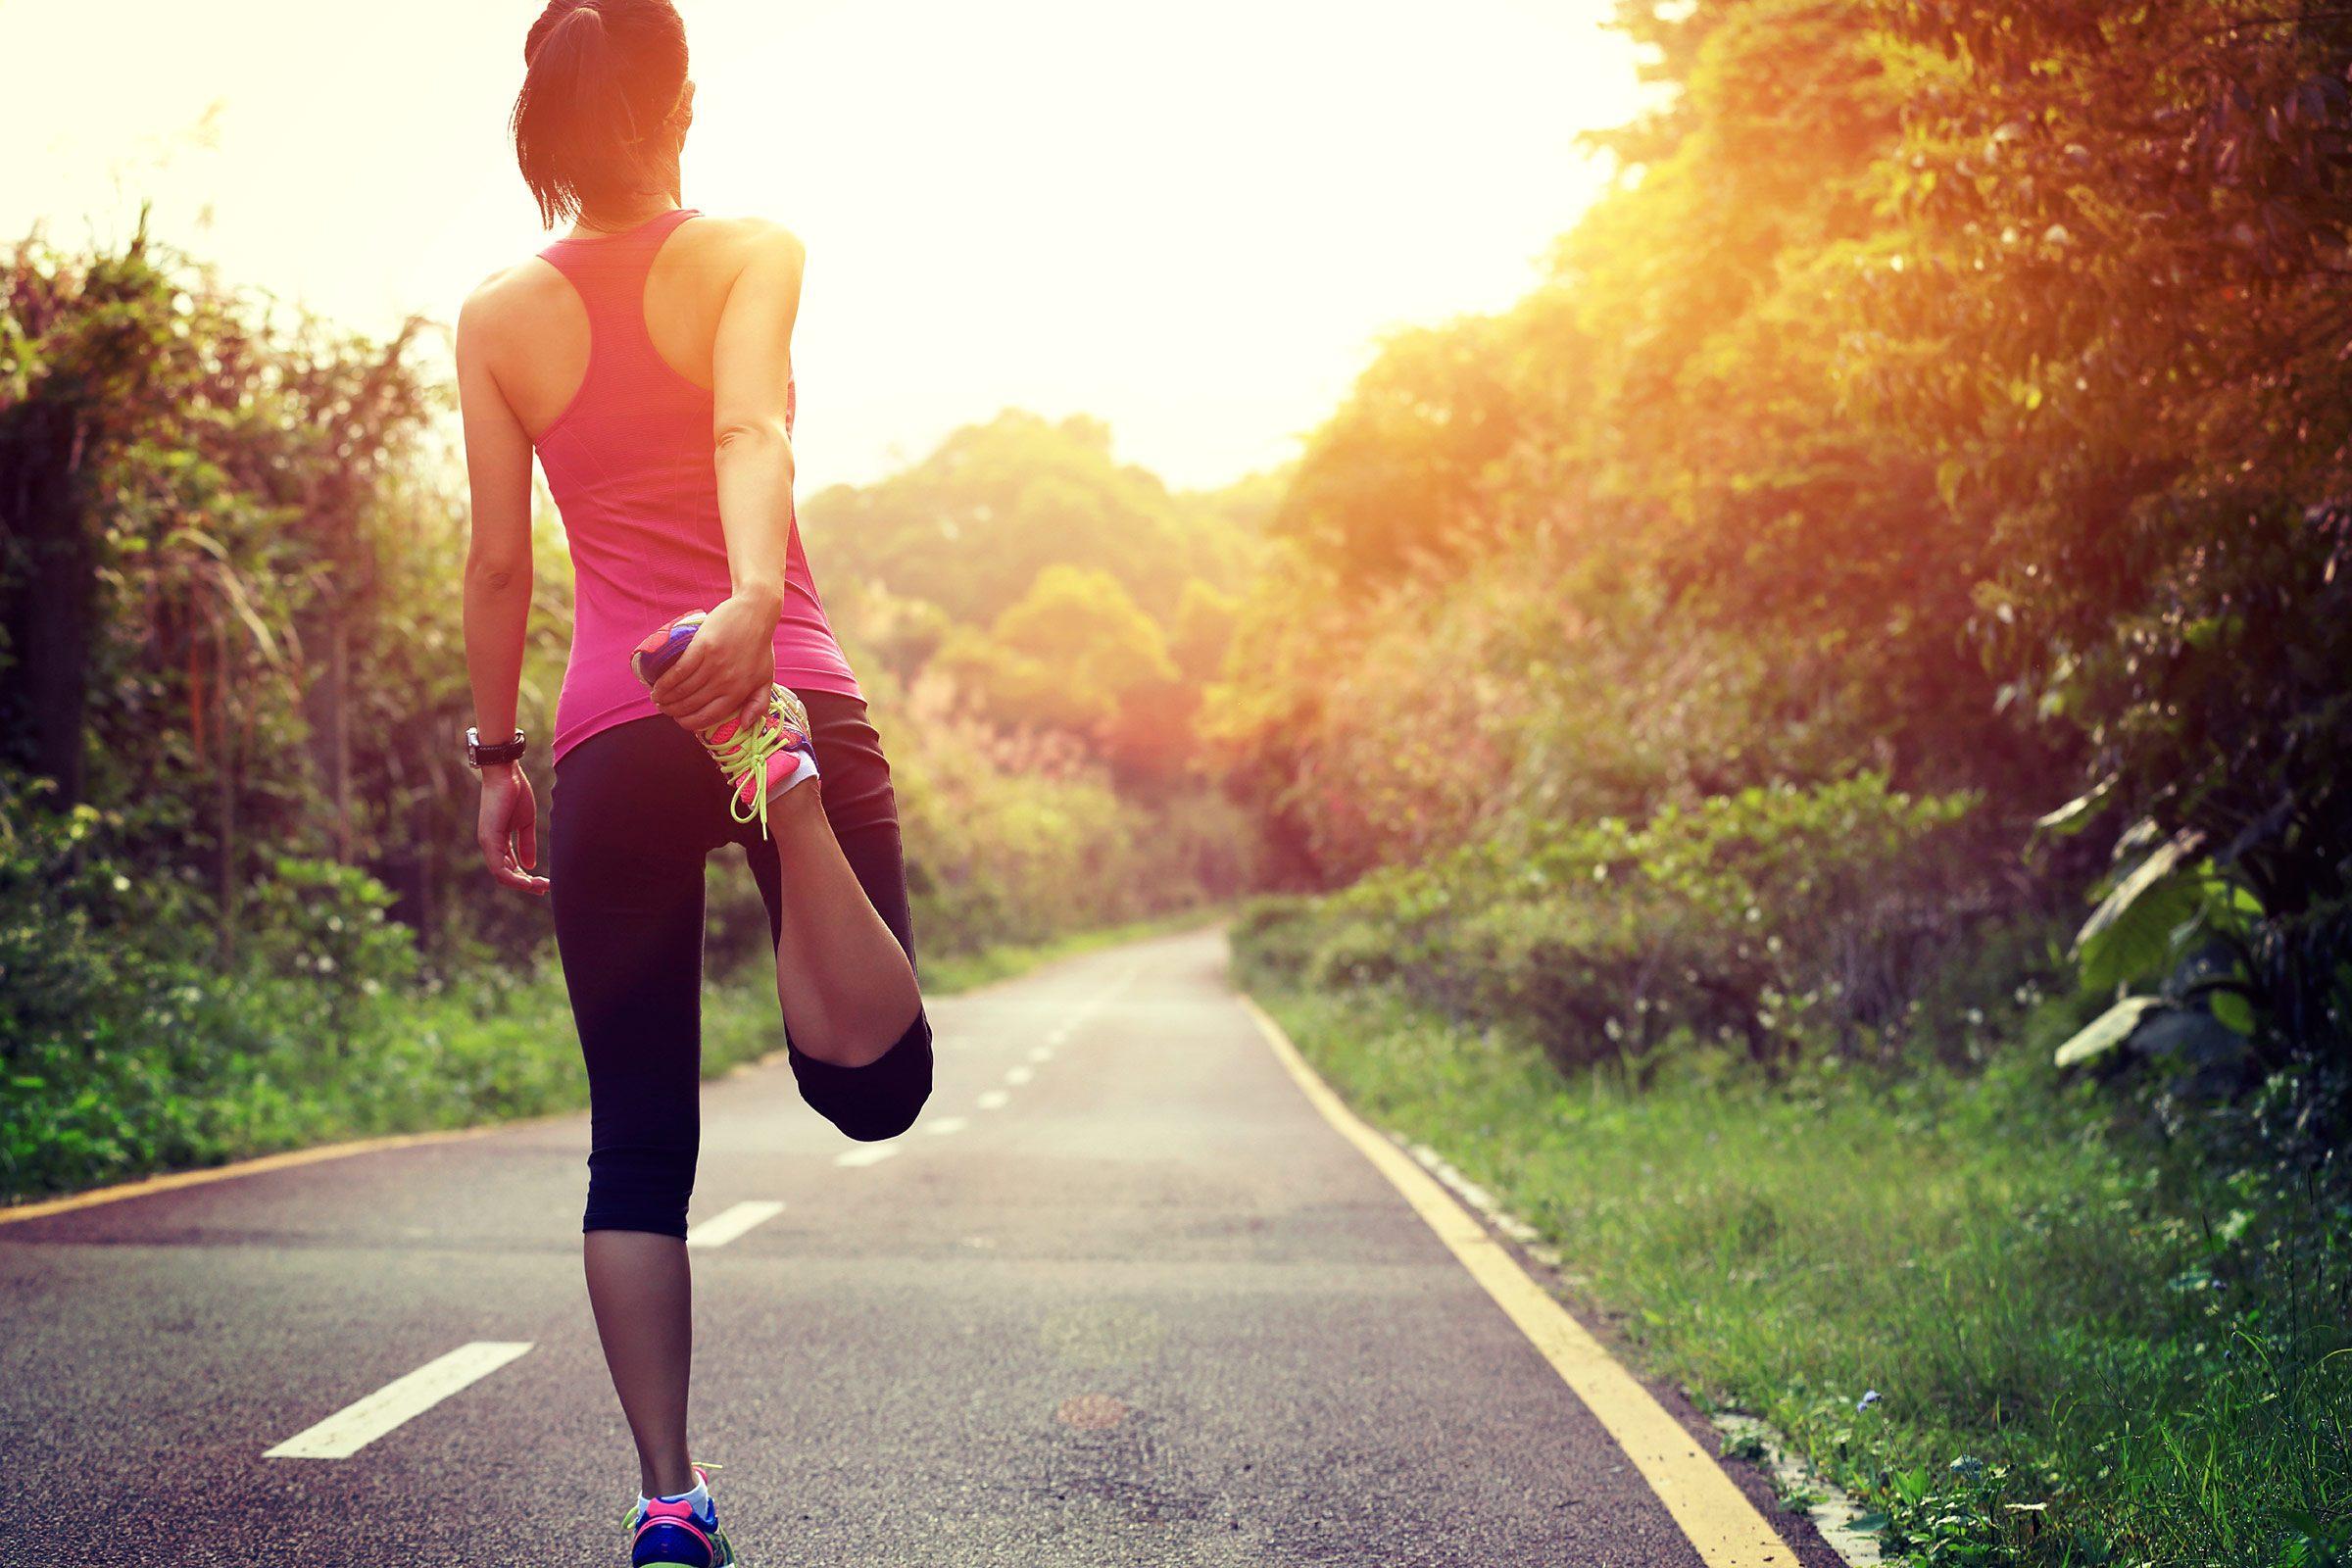 Long-distance runs